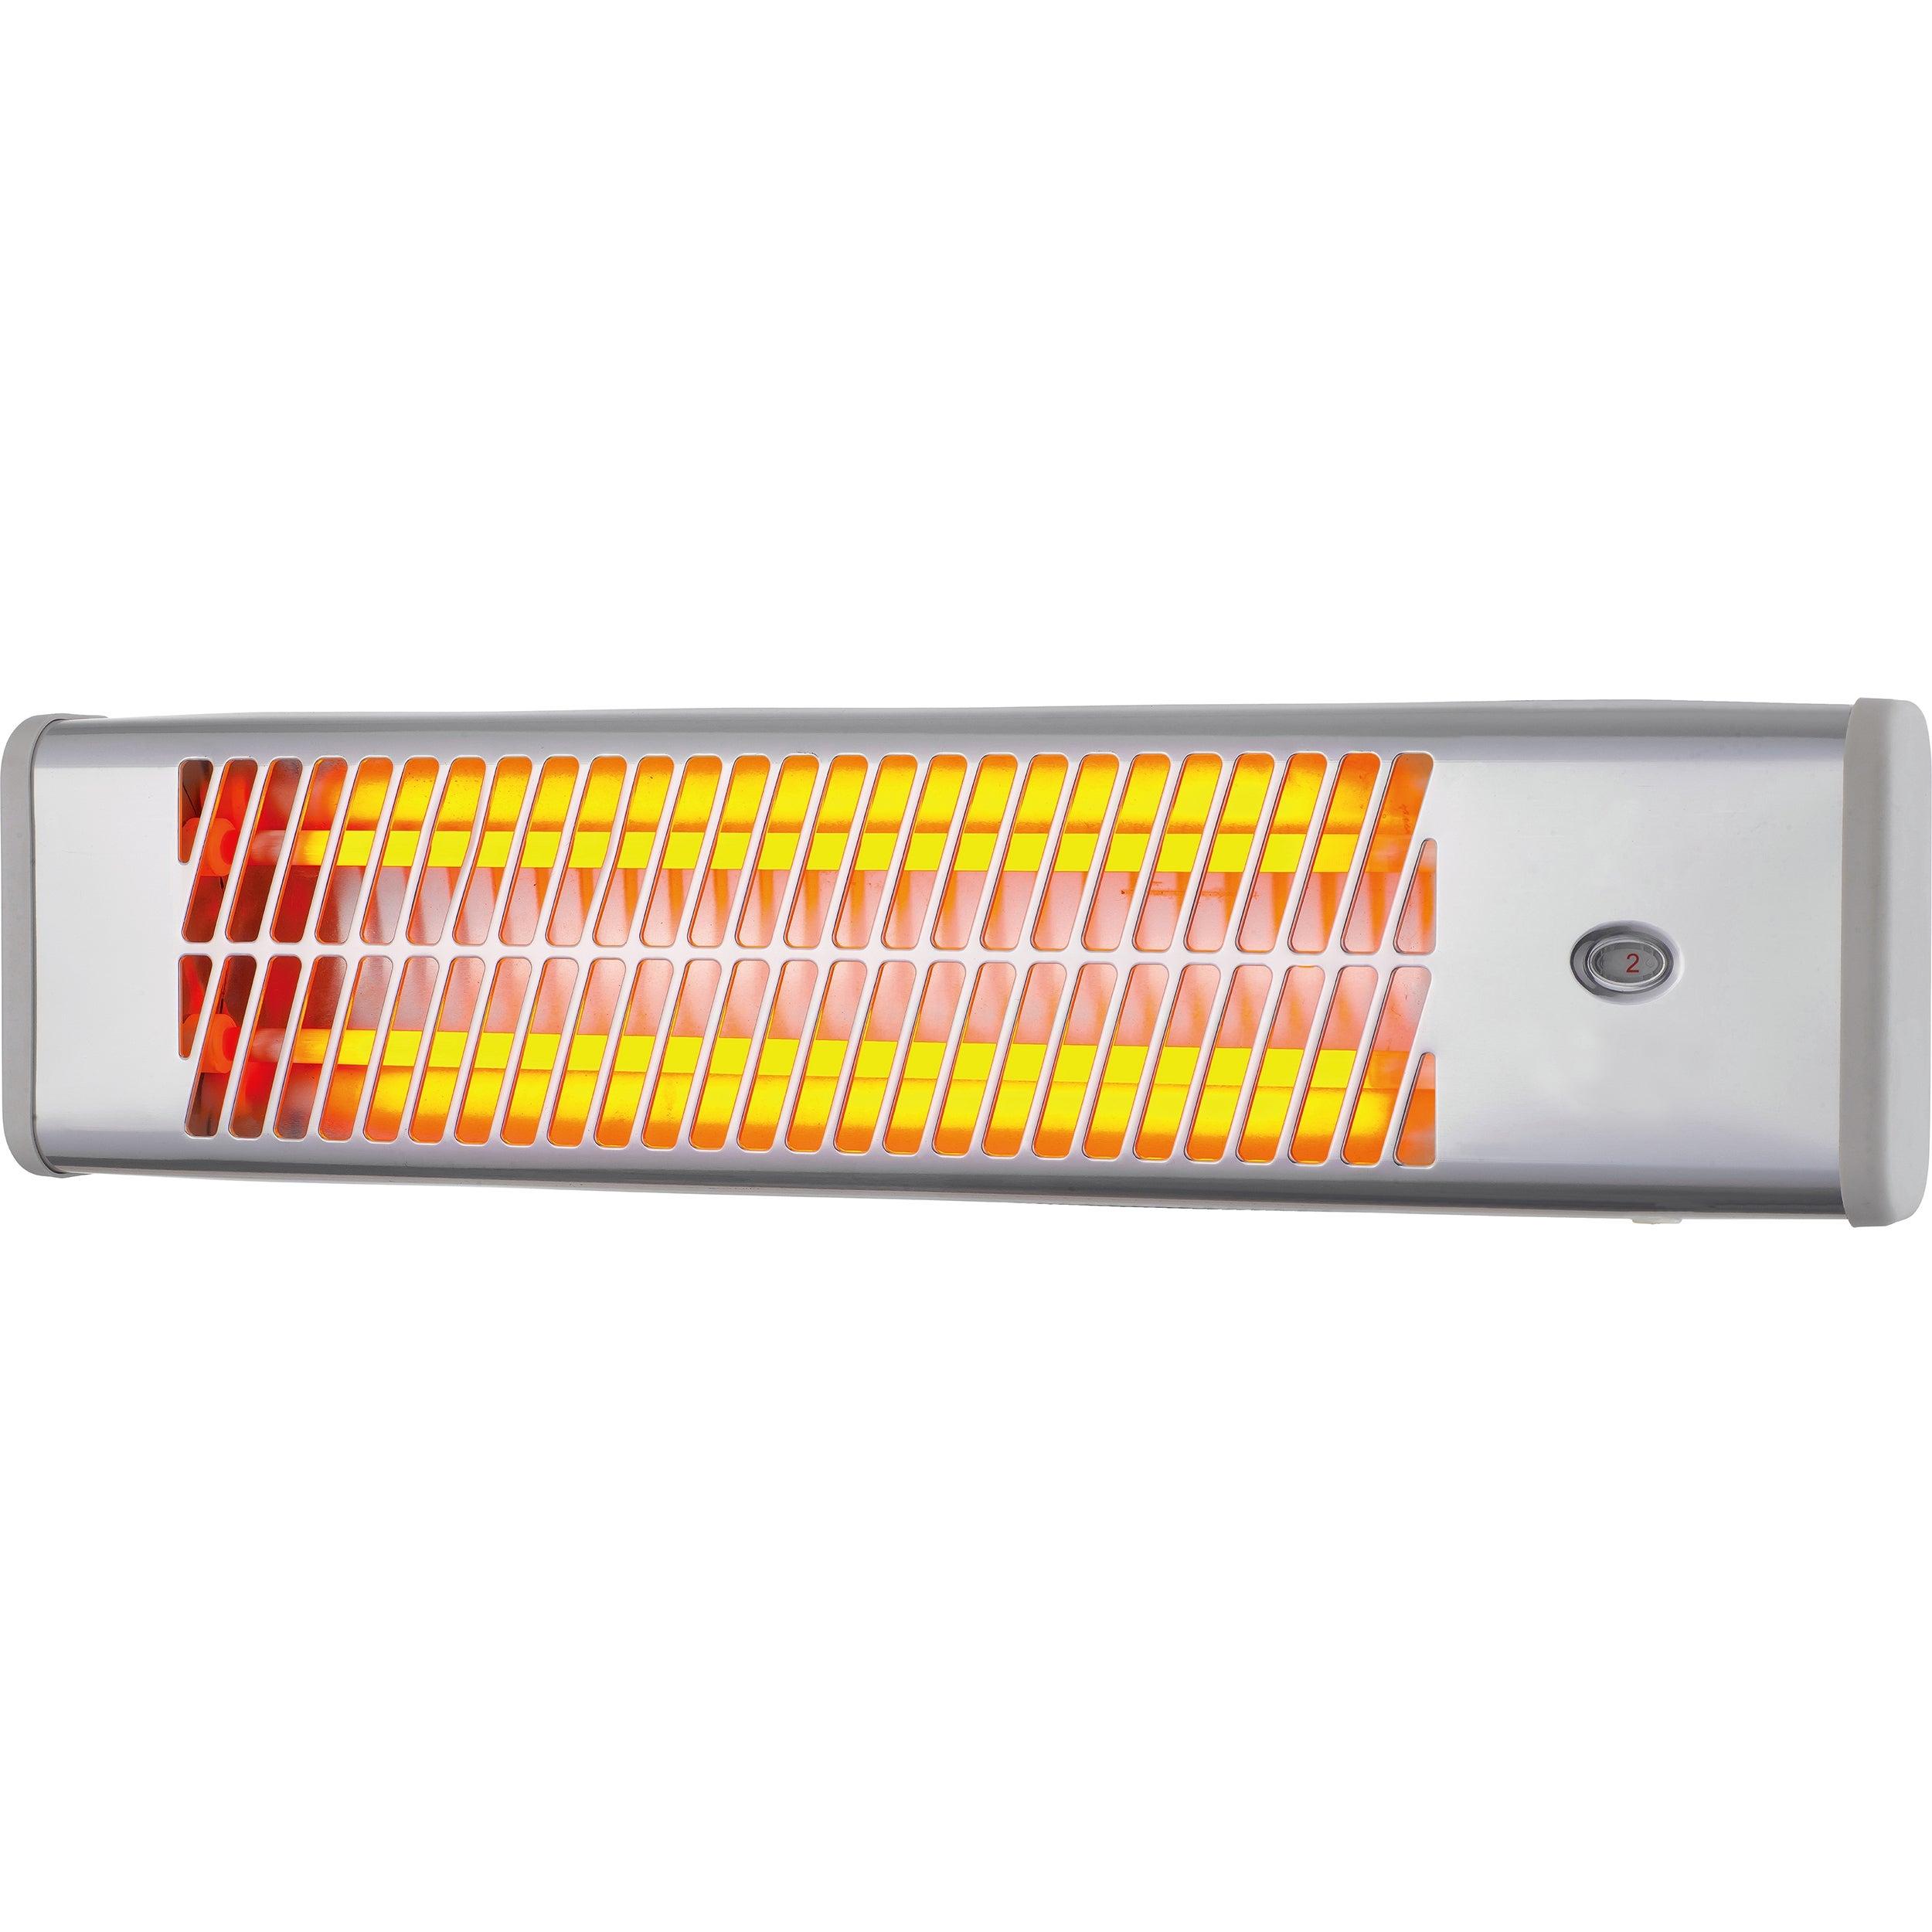 Réglette infrarouge électrique EQUATION Quint 20 200 W